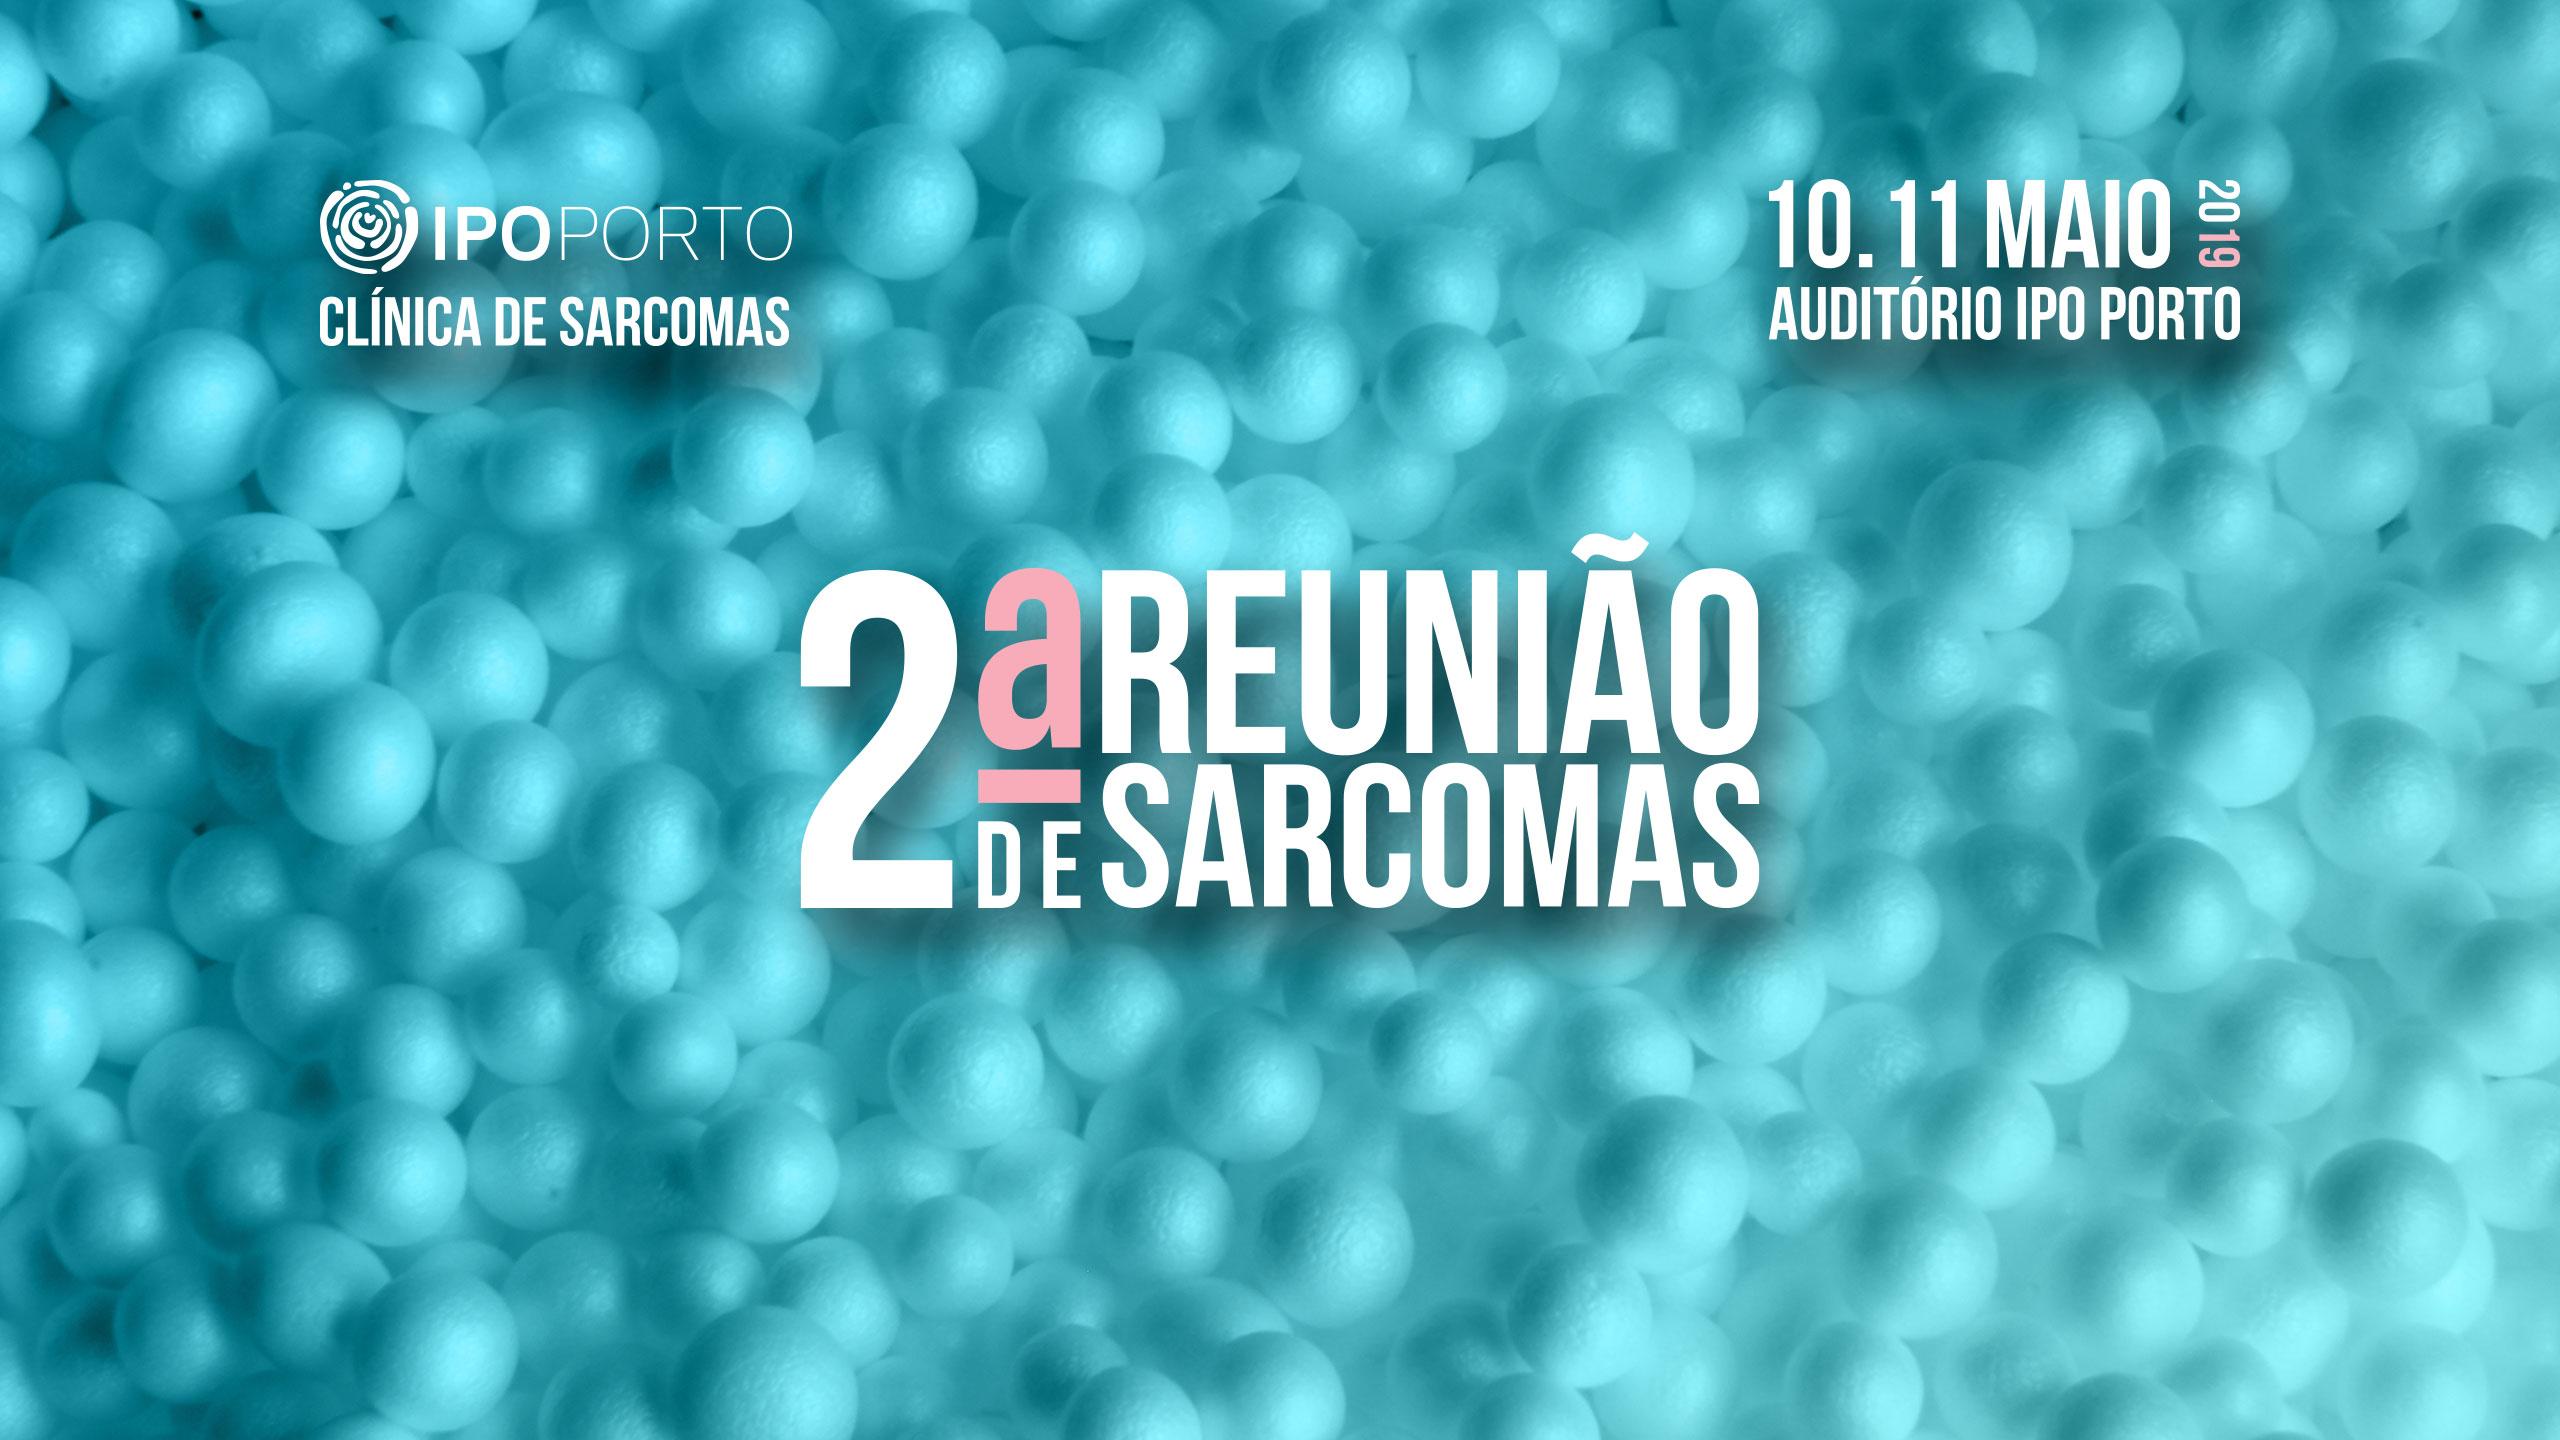 2ª Reunião de Sarcomas